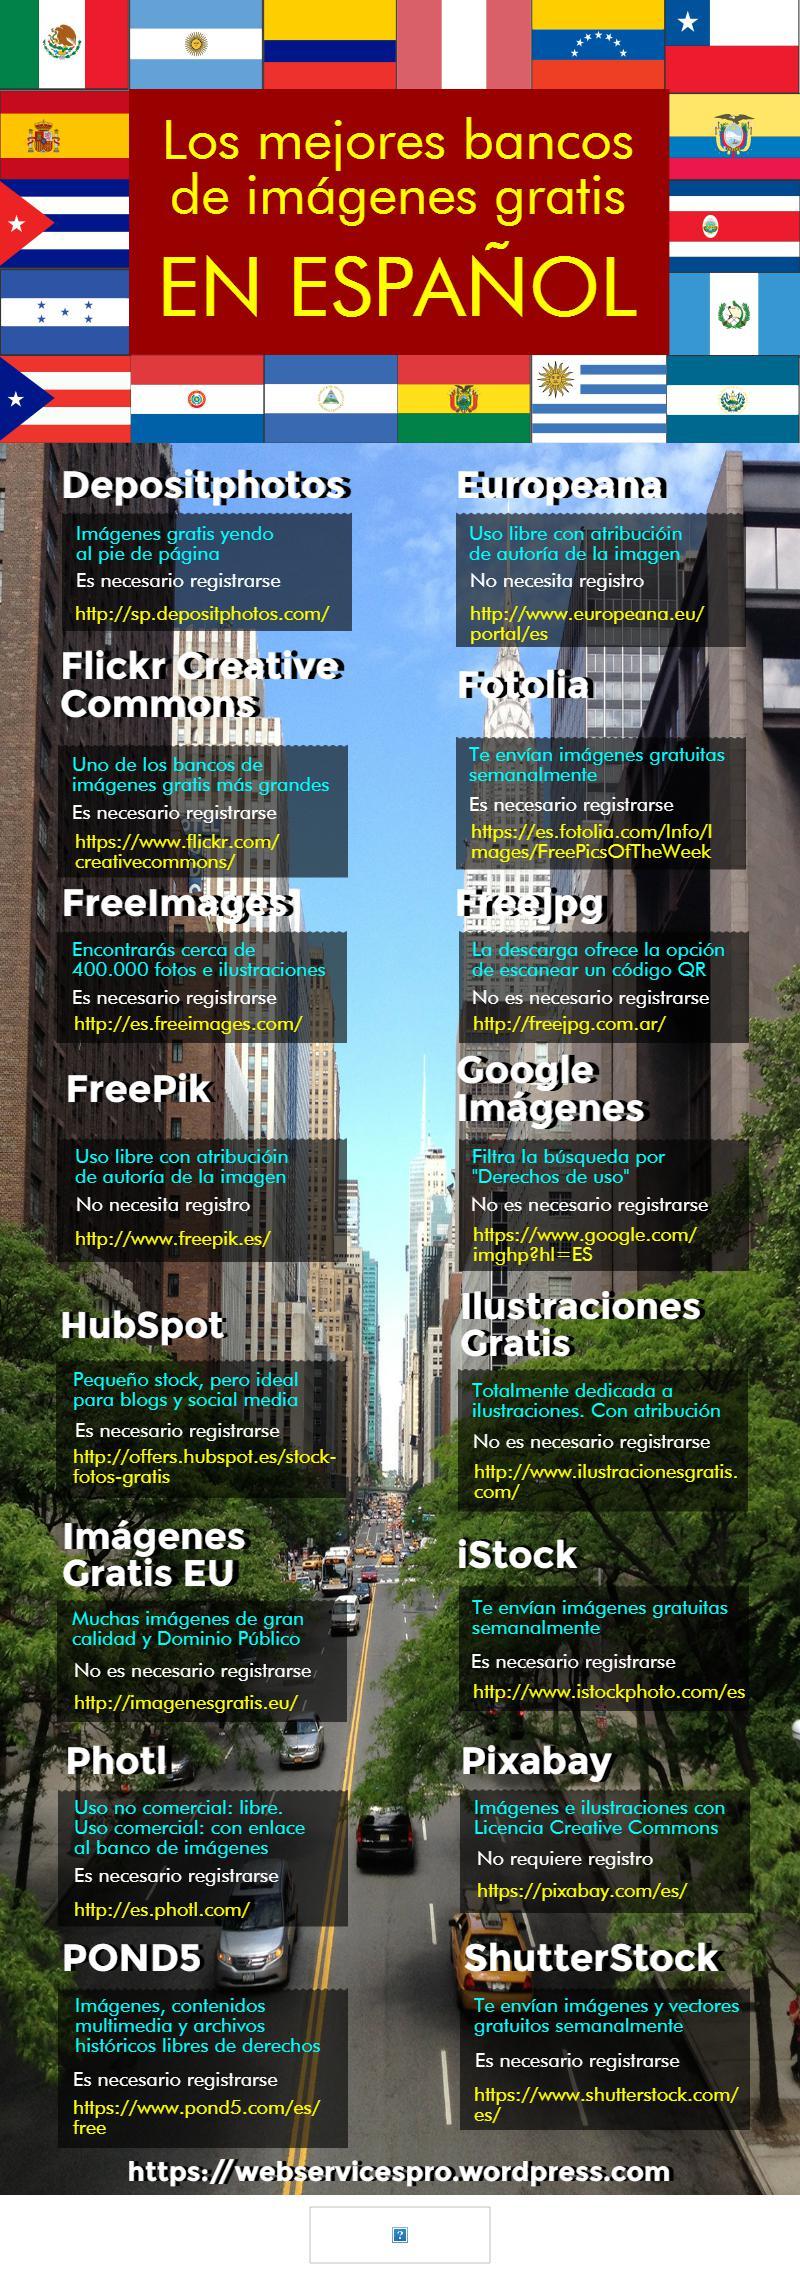 Los mejores bancos de imágenes gratuitos en español